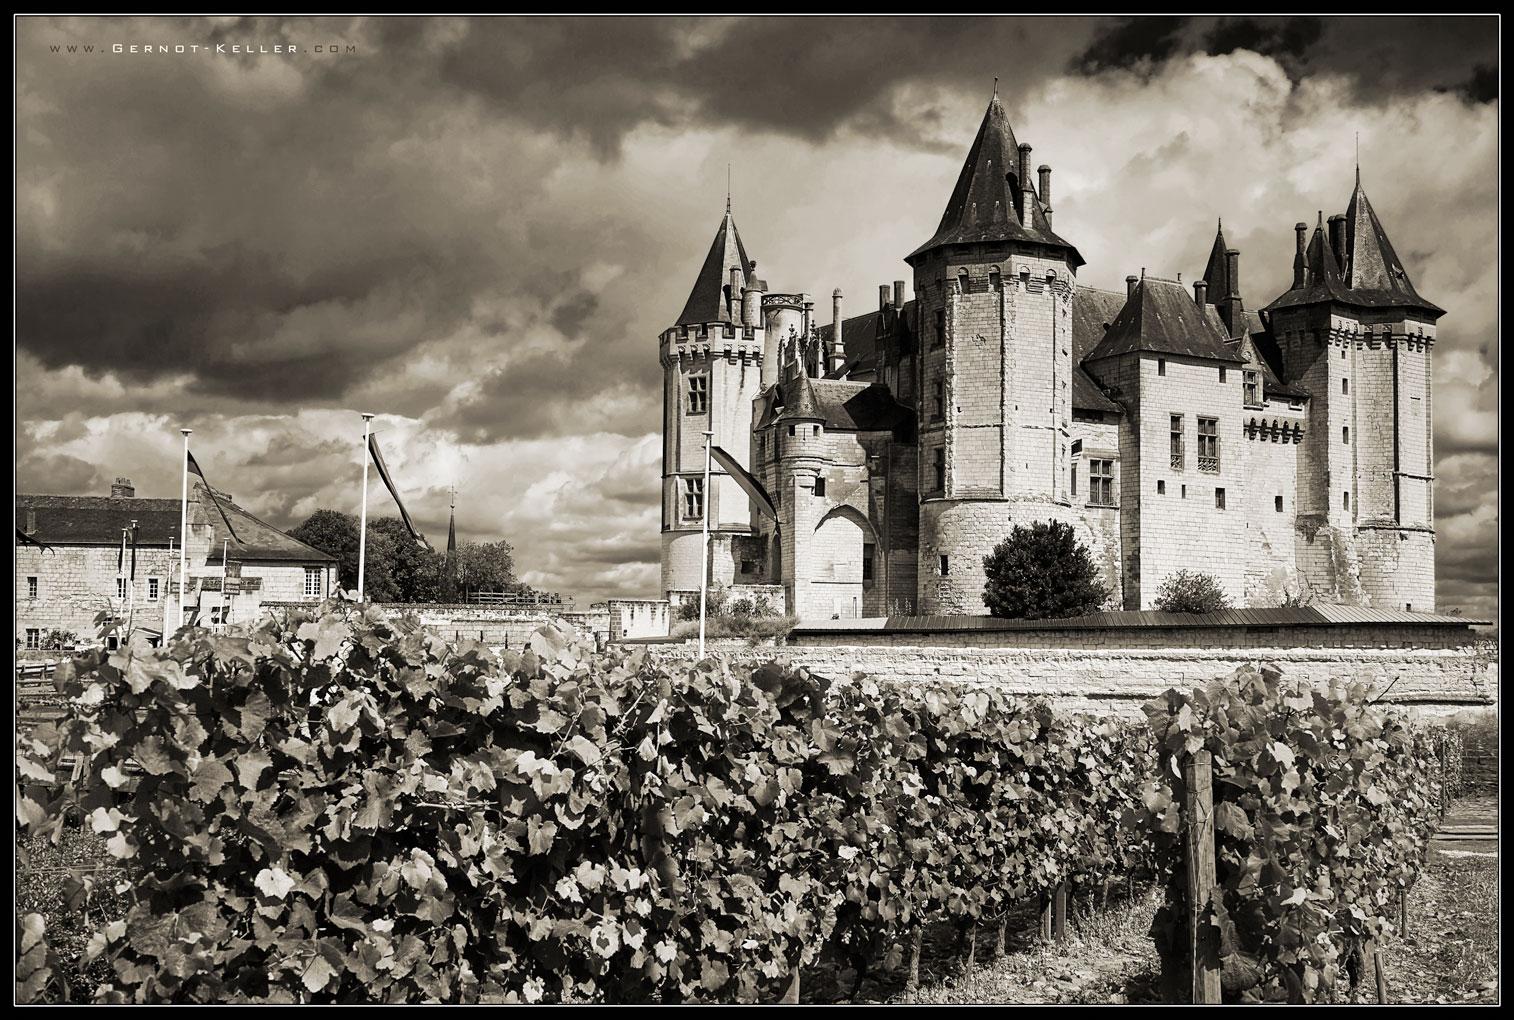 02137 - Val de Loire - Chateau de Saumur